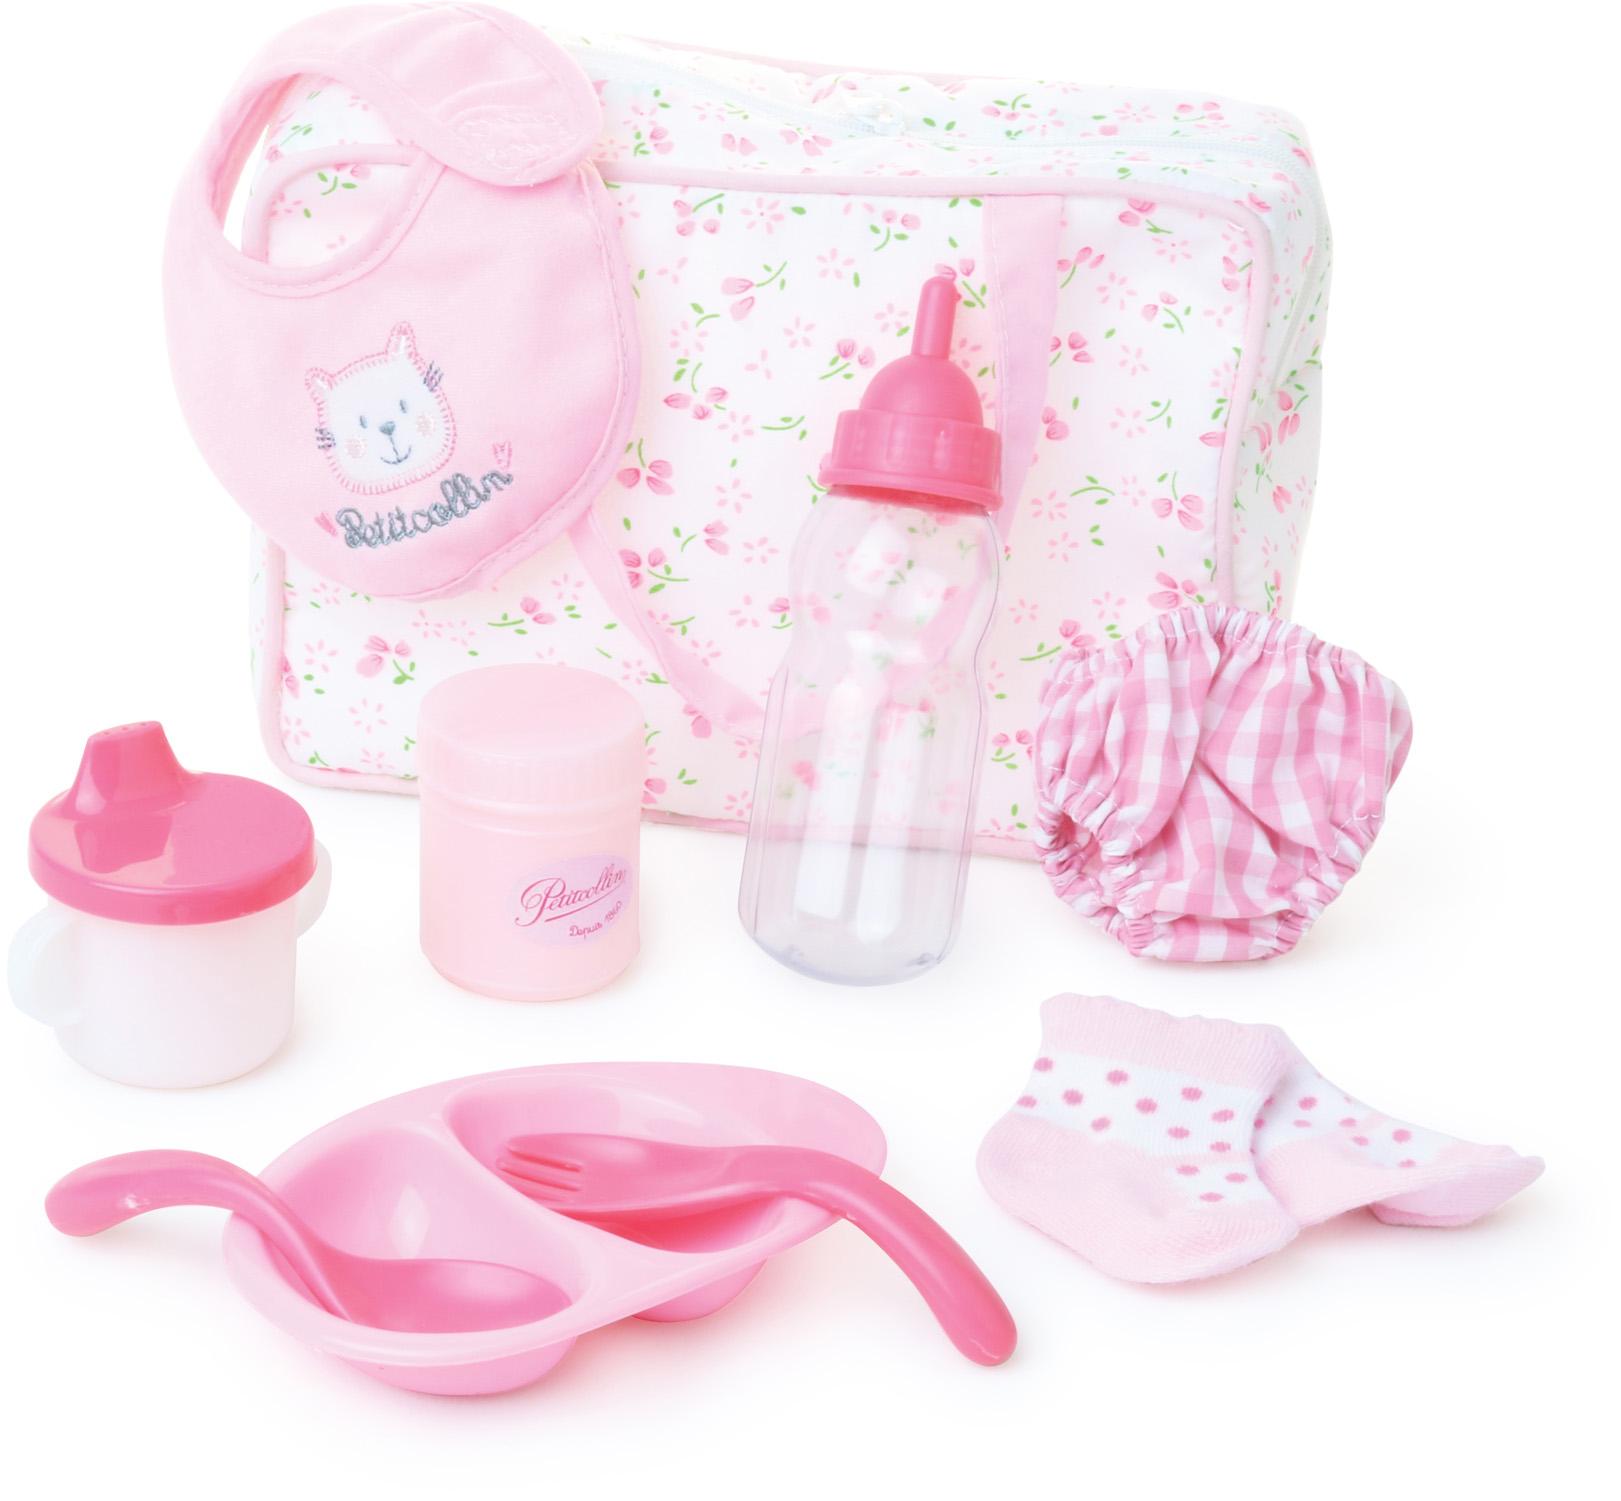 Petitcollin Baby cestovní sada pro panenku